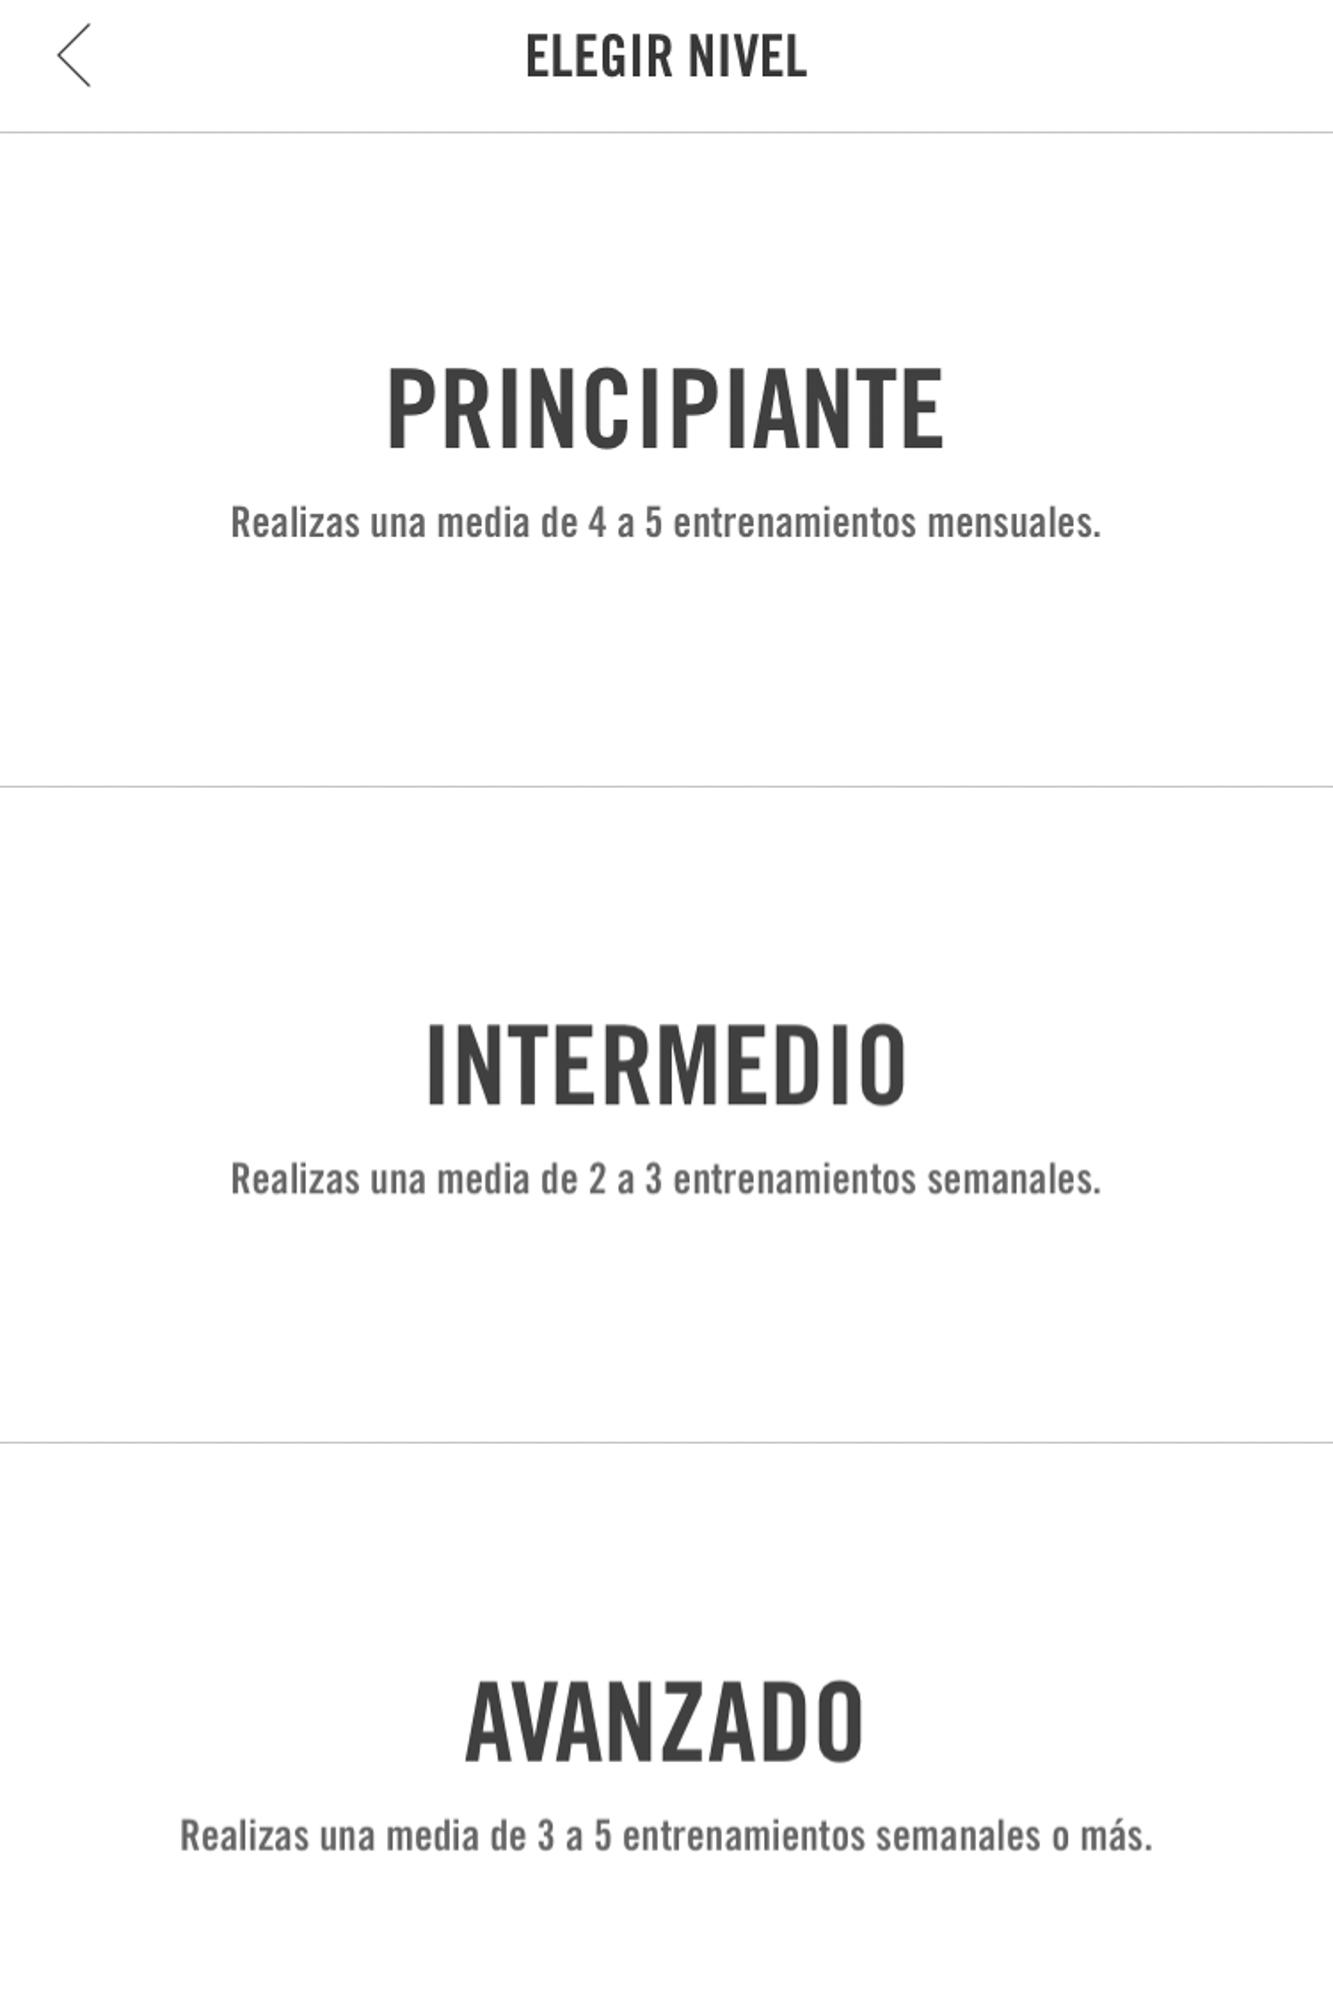 DEPORTE, NIKE, ENTRENAMIENTO, NIKE TRAINING, MAR VIDAL, LA CASA DE MAR, INTERIORES, NIKE-TRAINING-MI-ENTRENADOR-PERSONAL